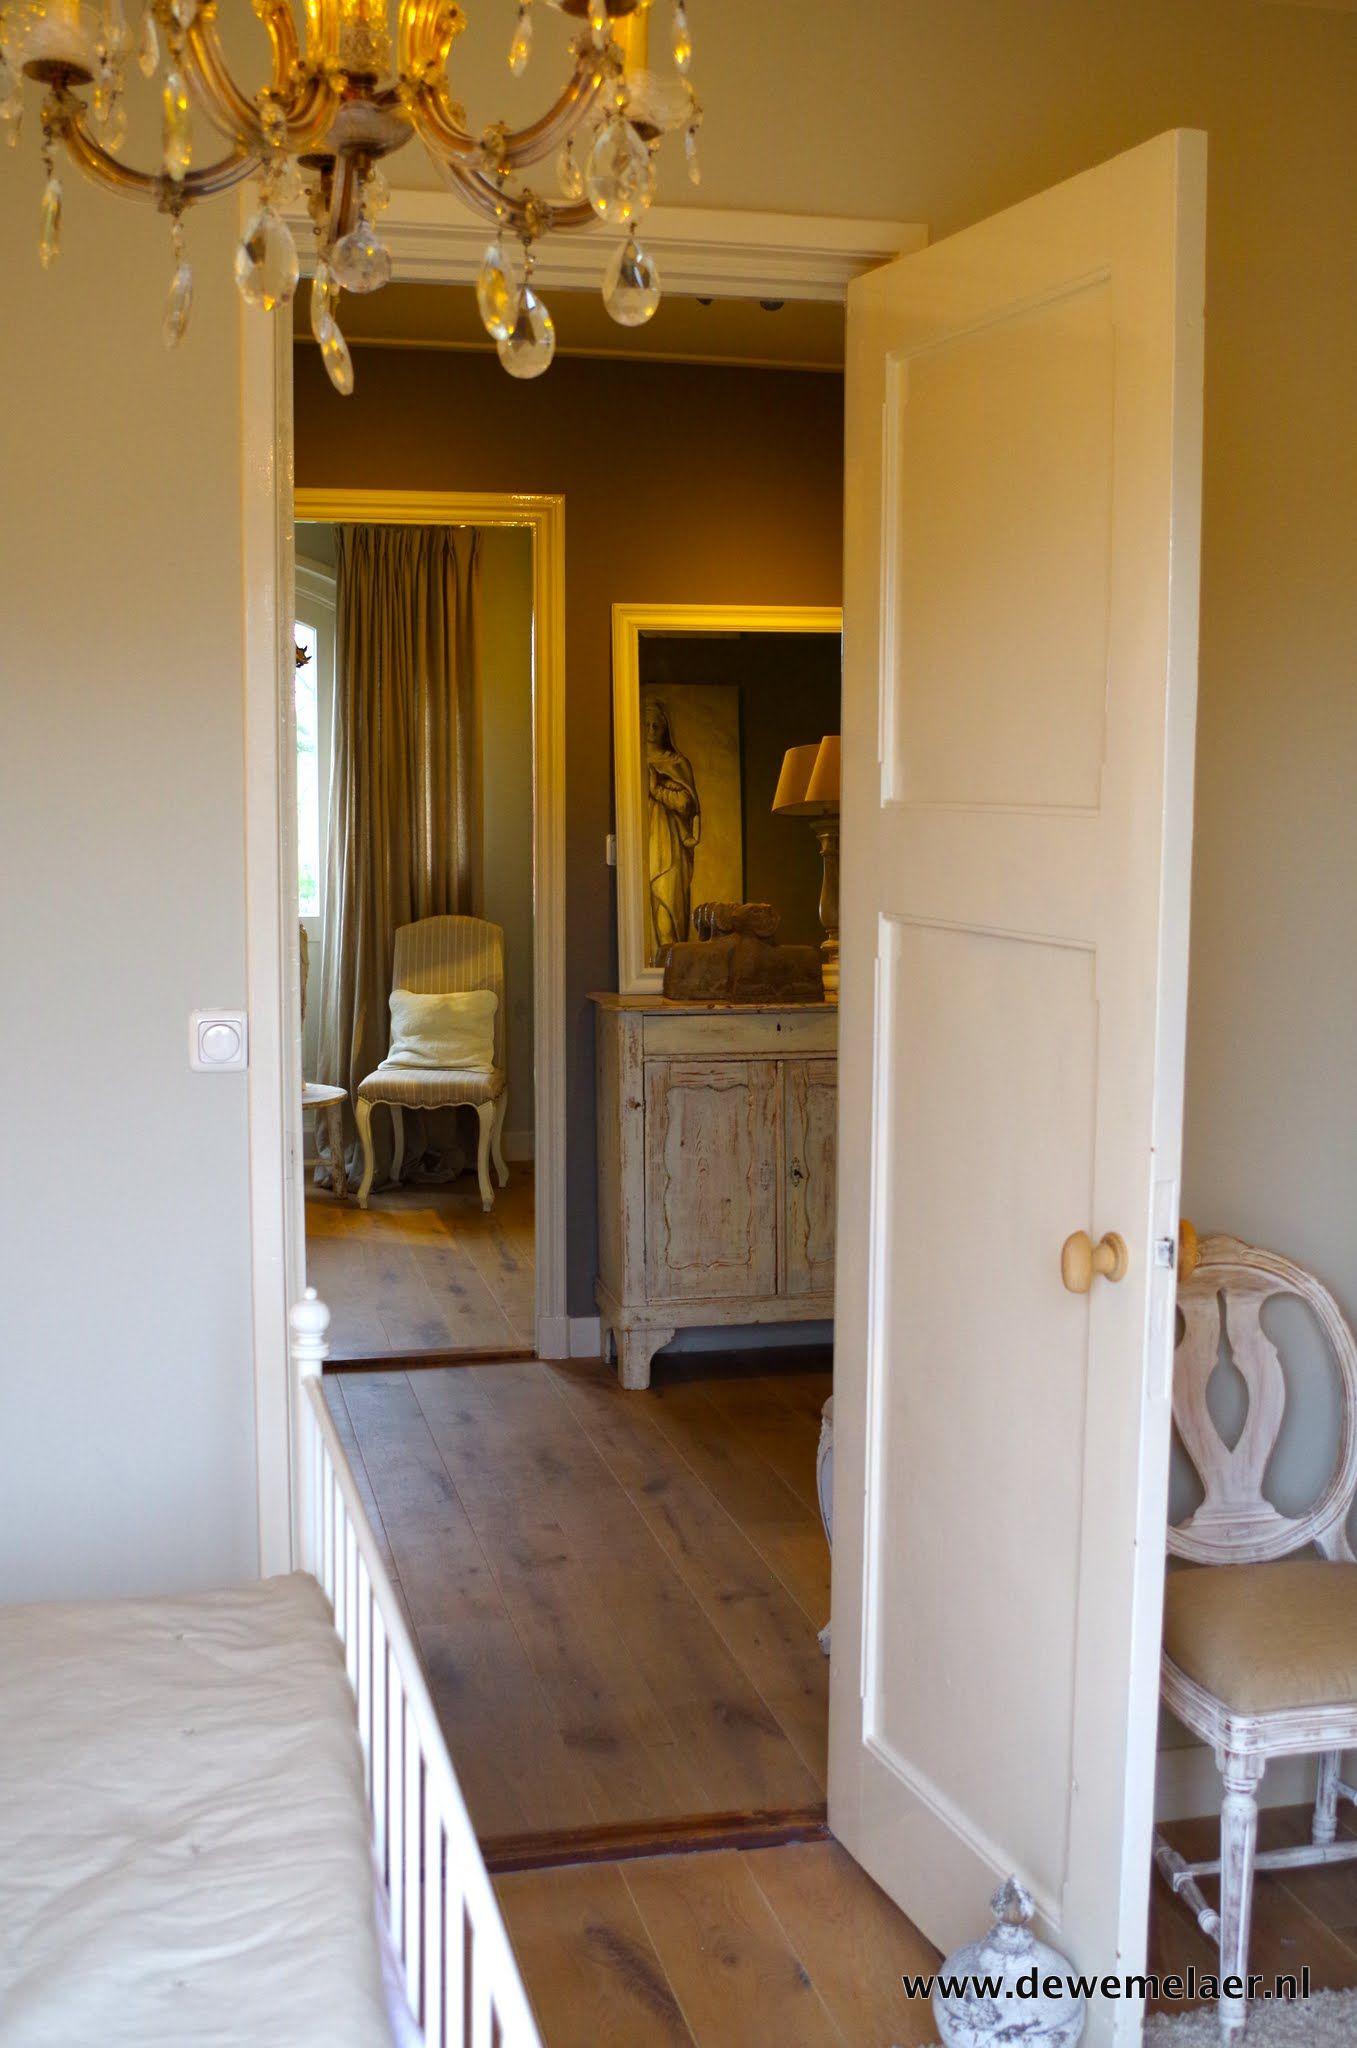 Voor de binnenkijker was ik deze keer te gast in het mooie Friesland, waar ik in een prachtig jaren-20 herenhuis met koffie en appeltaart werd verwelkomd door Leida. Karel en Leida hebben het huis in 1,5 jaar weten om te…